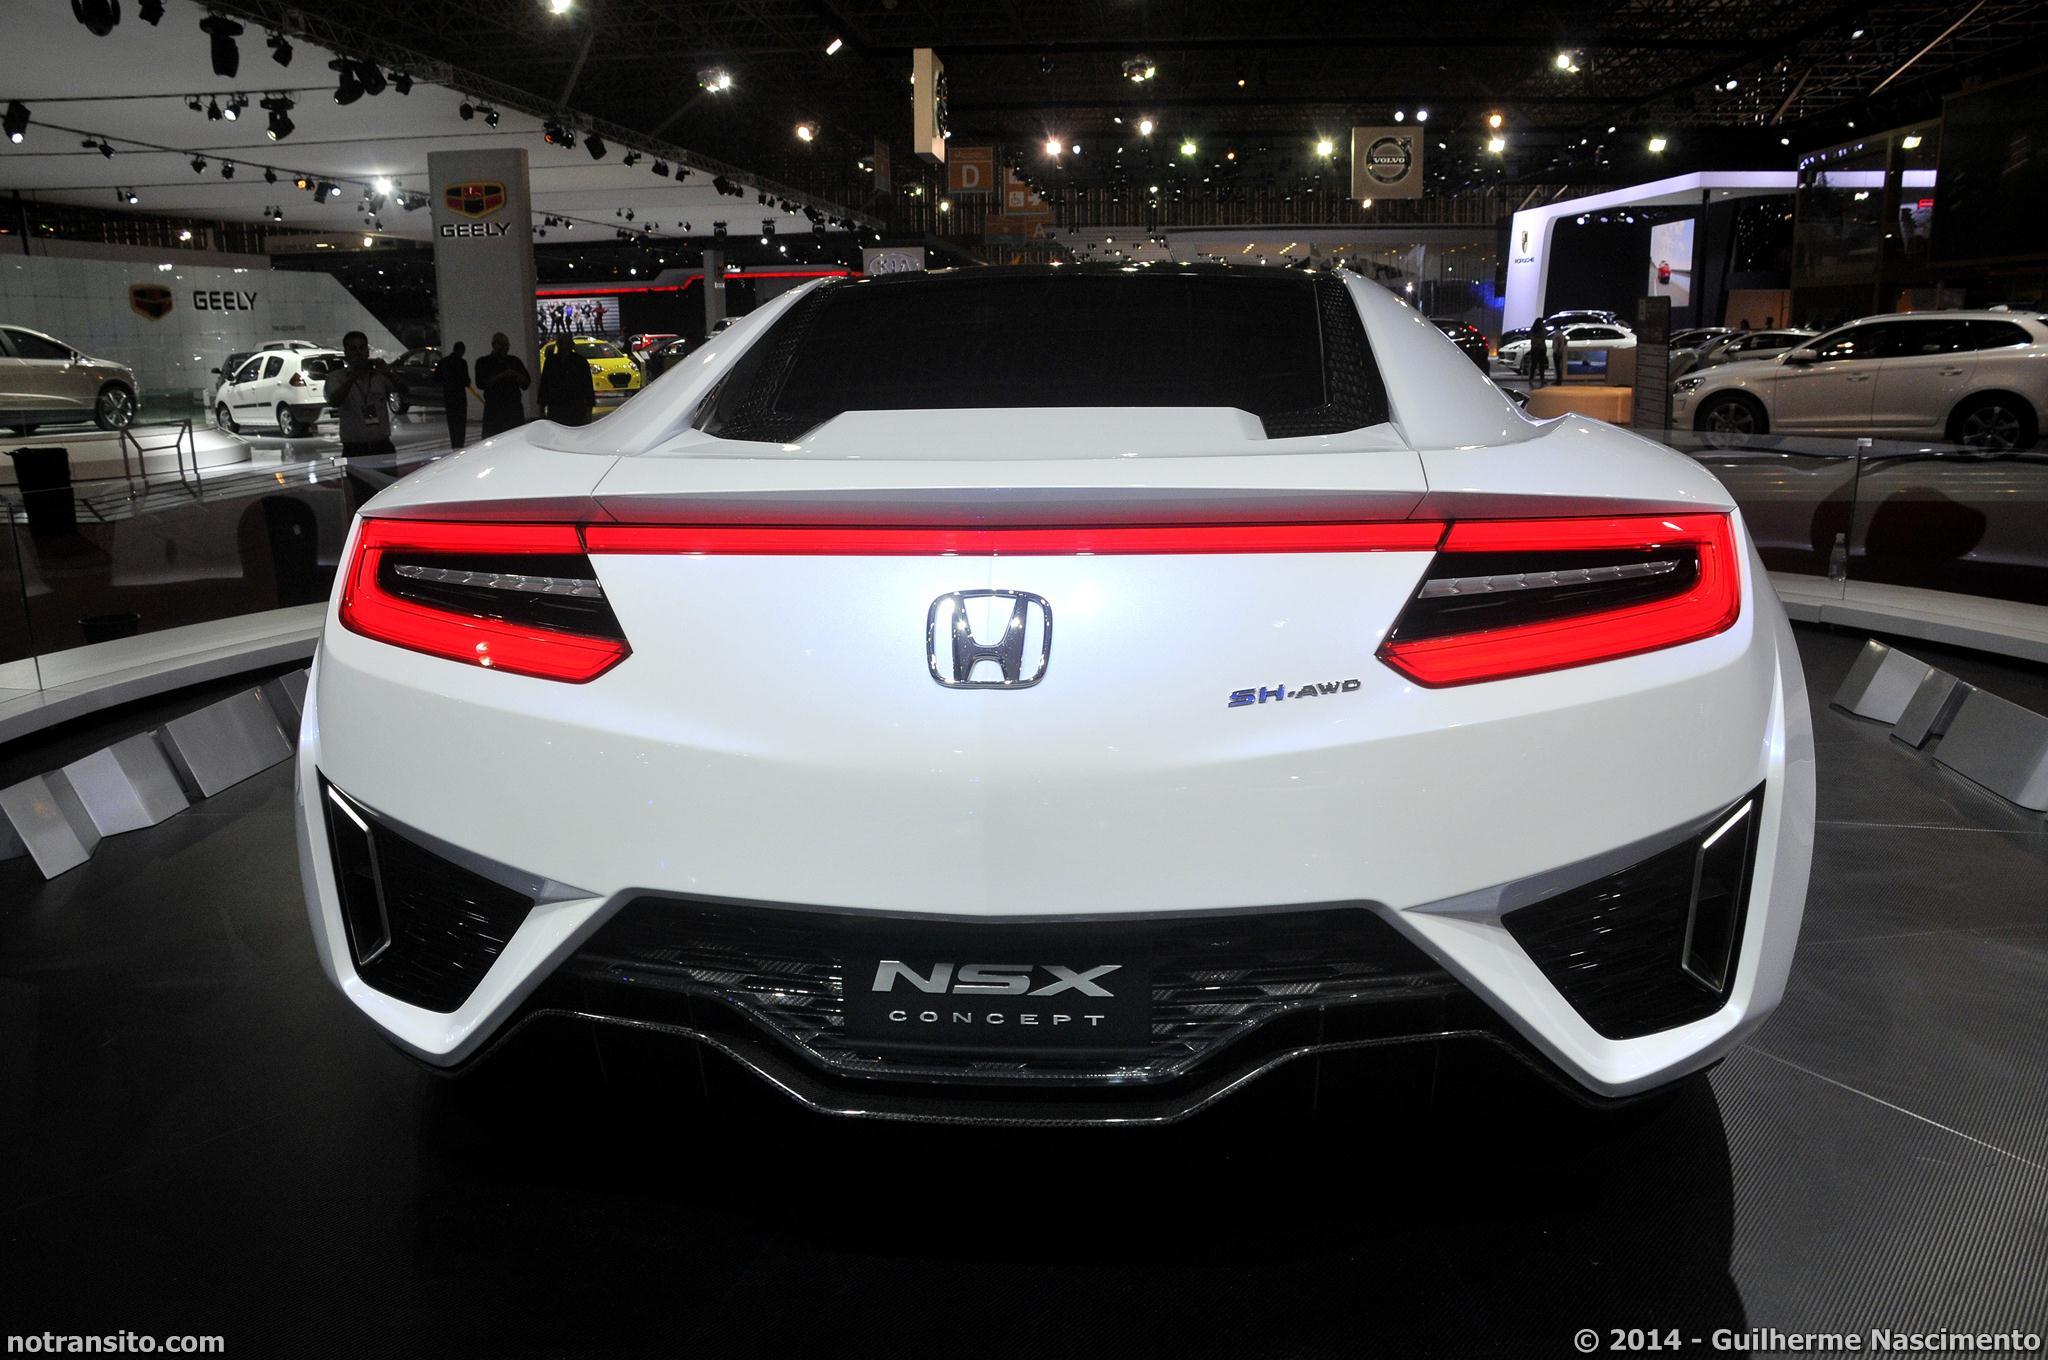 Honda NSX Concept, NSX Concept, Salão do Automóvel de São Paulo 2014, 28º Salão do Automóvel de São Paulo